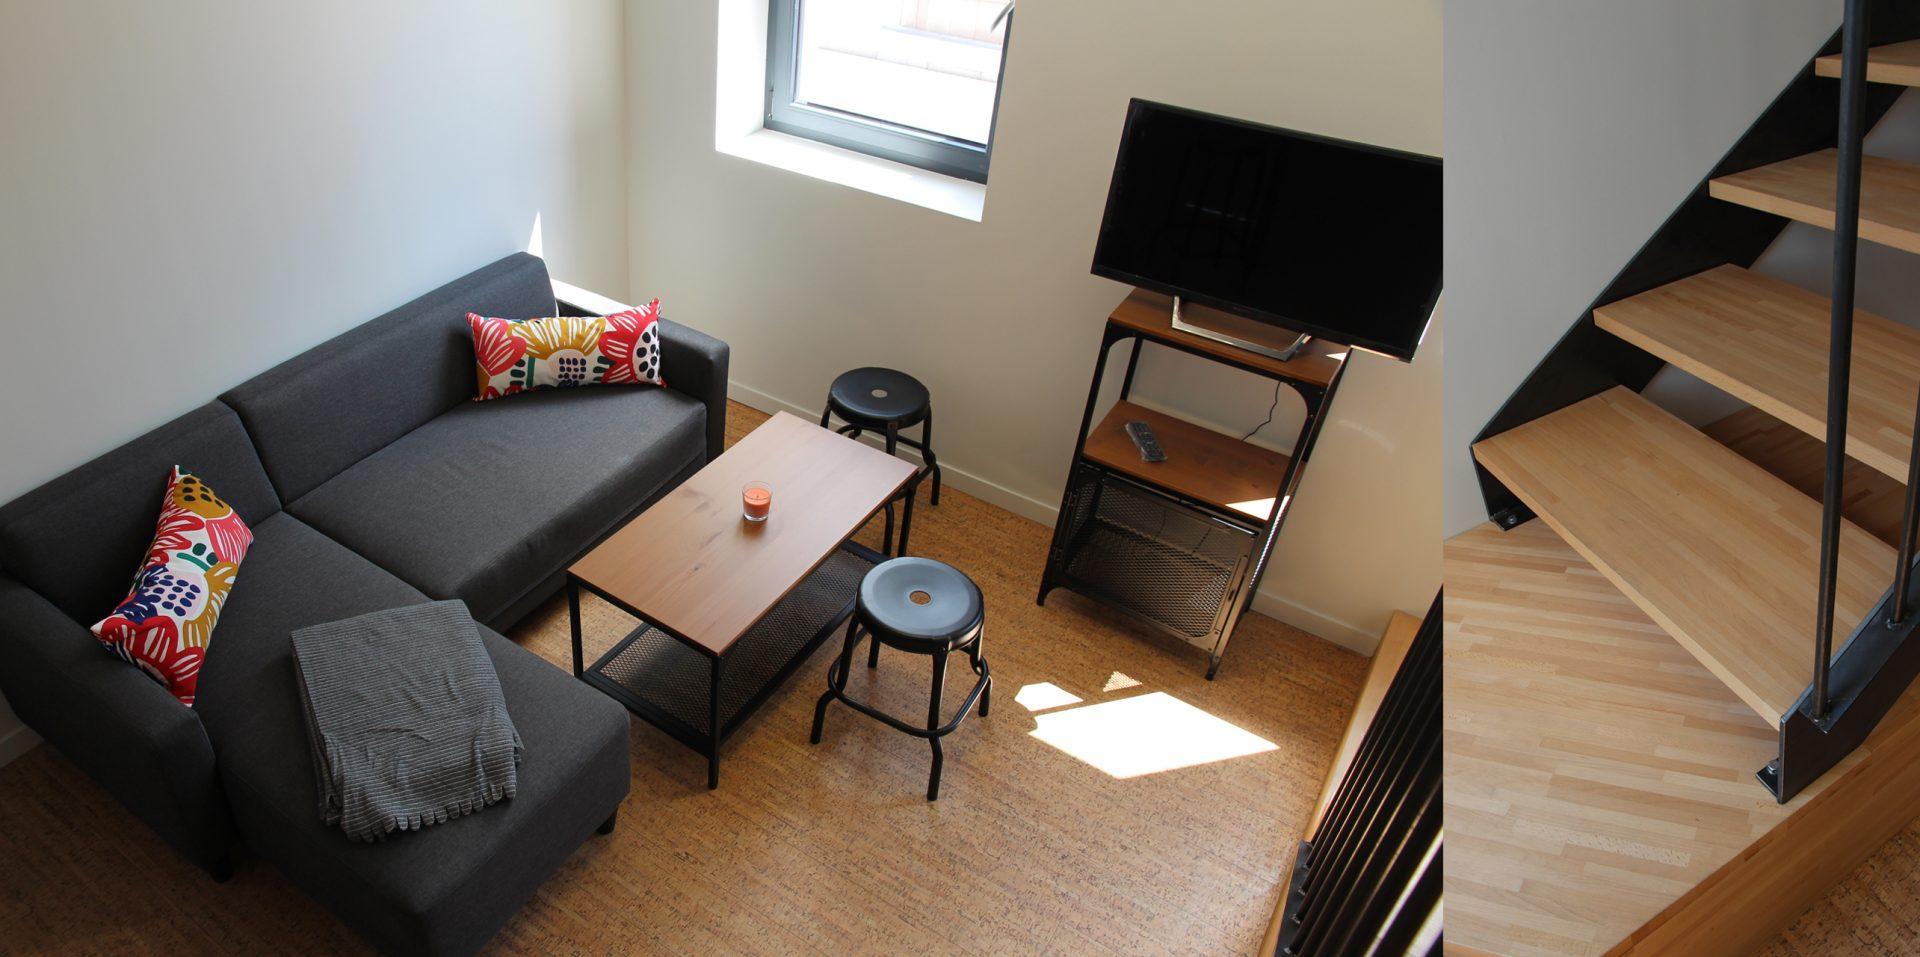 Aménagement de duplex pour du locatif duplex 1 salon